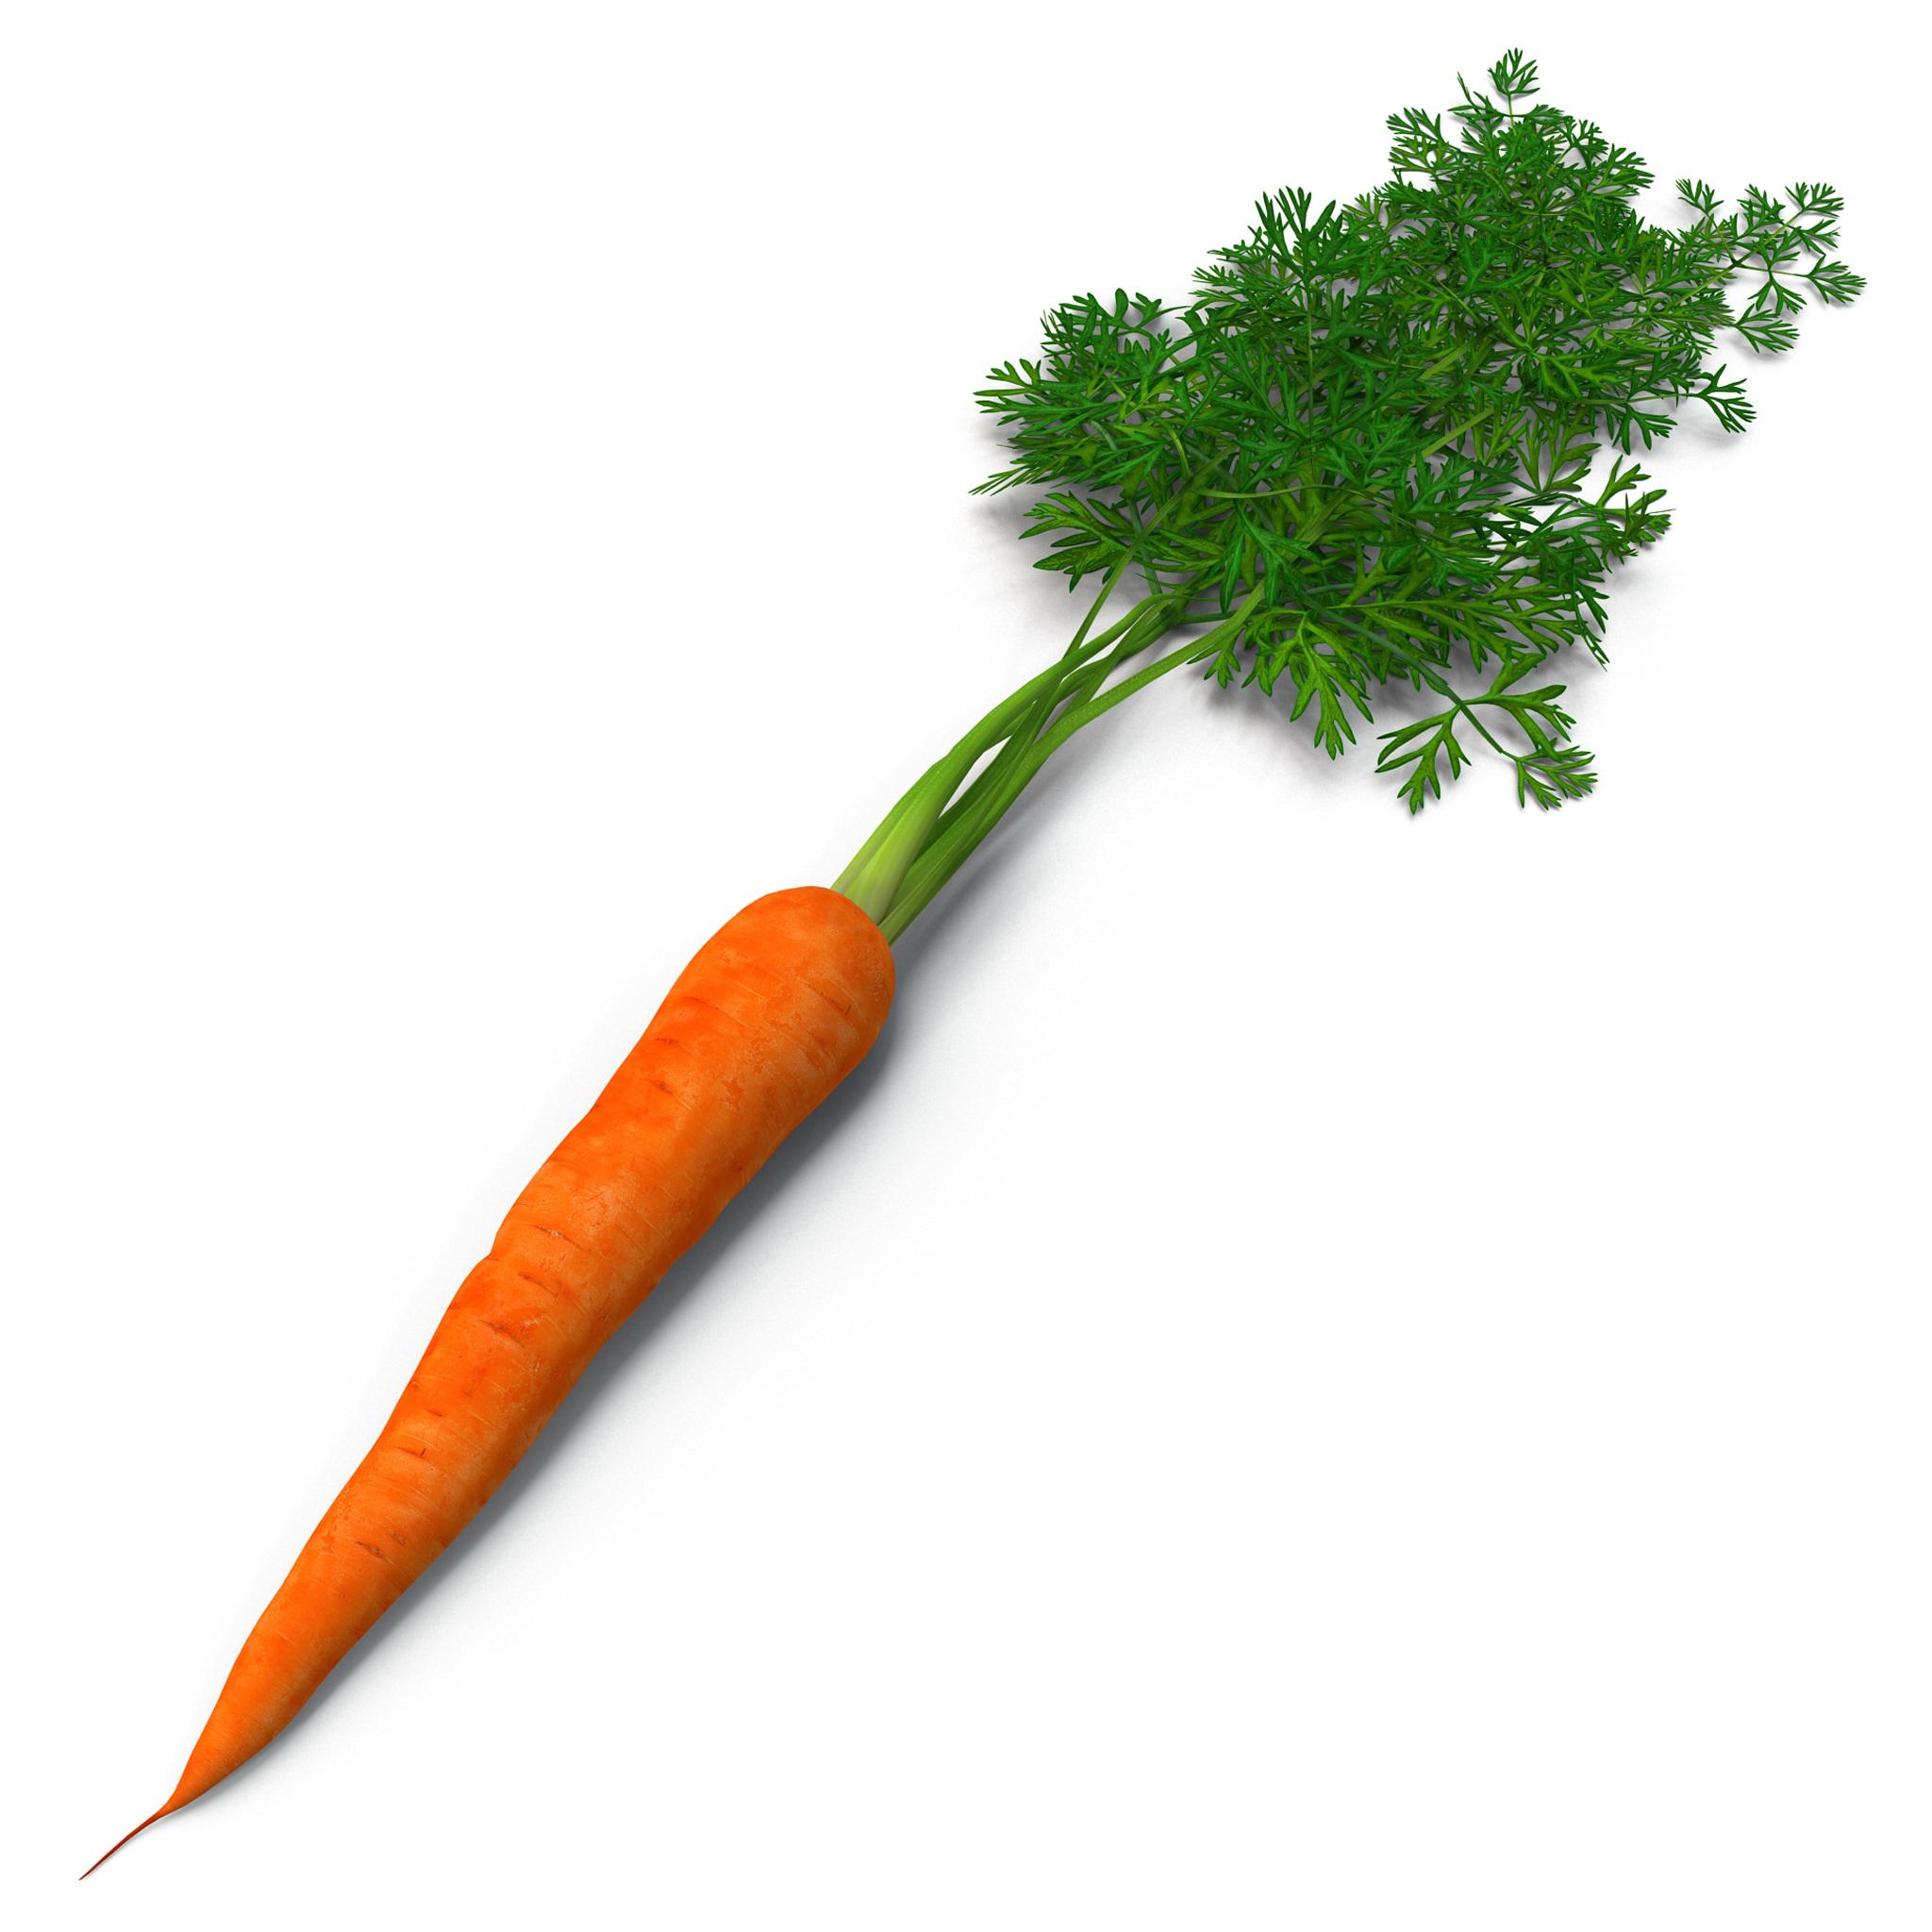 Carrot 2_94.jpg